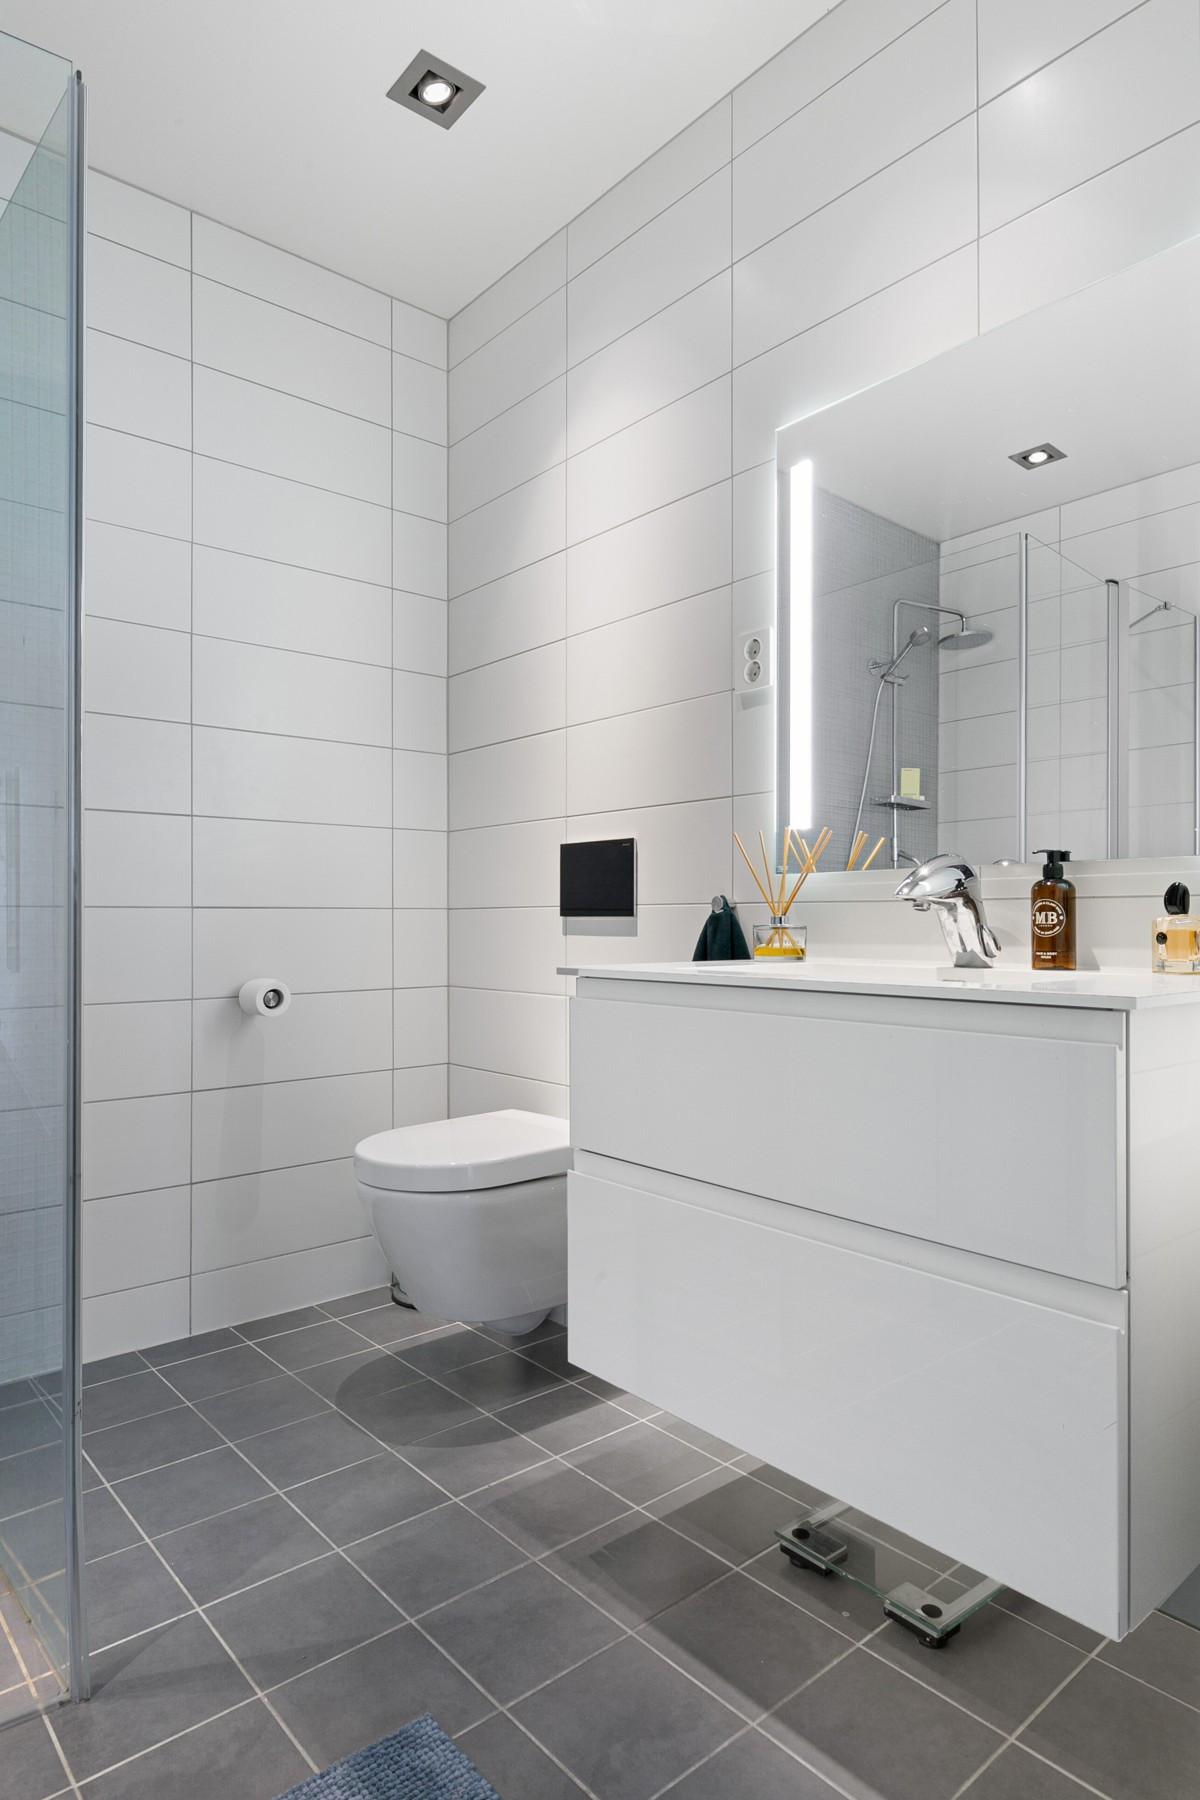 Bad i 1. etasje er komplett flislagt med gulvvarme